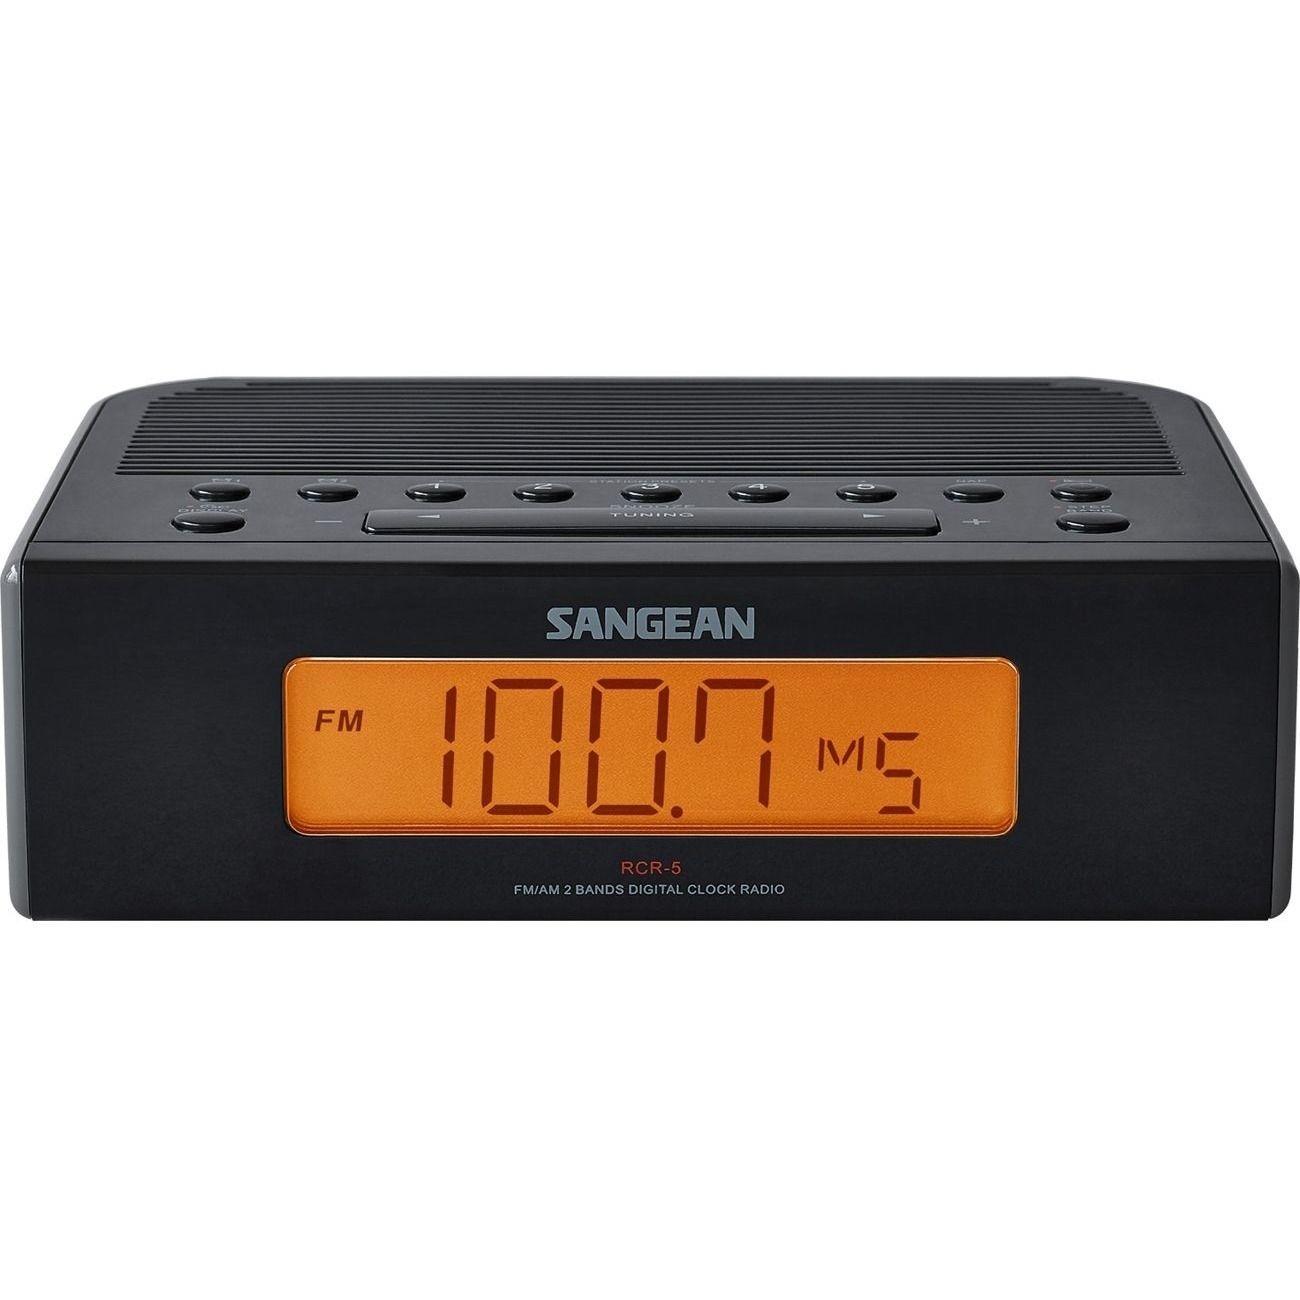 Sangean RCR-5 FM/AM Digital Tuning Clock Radio